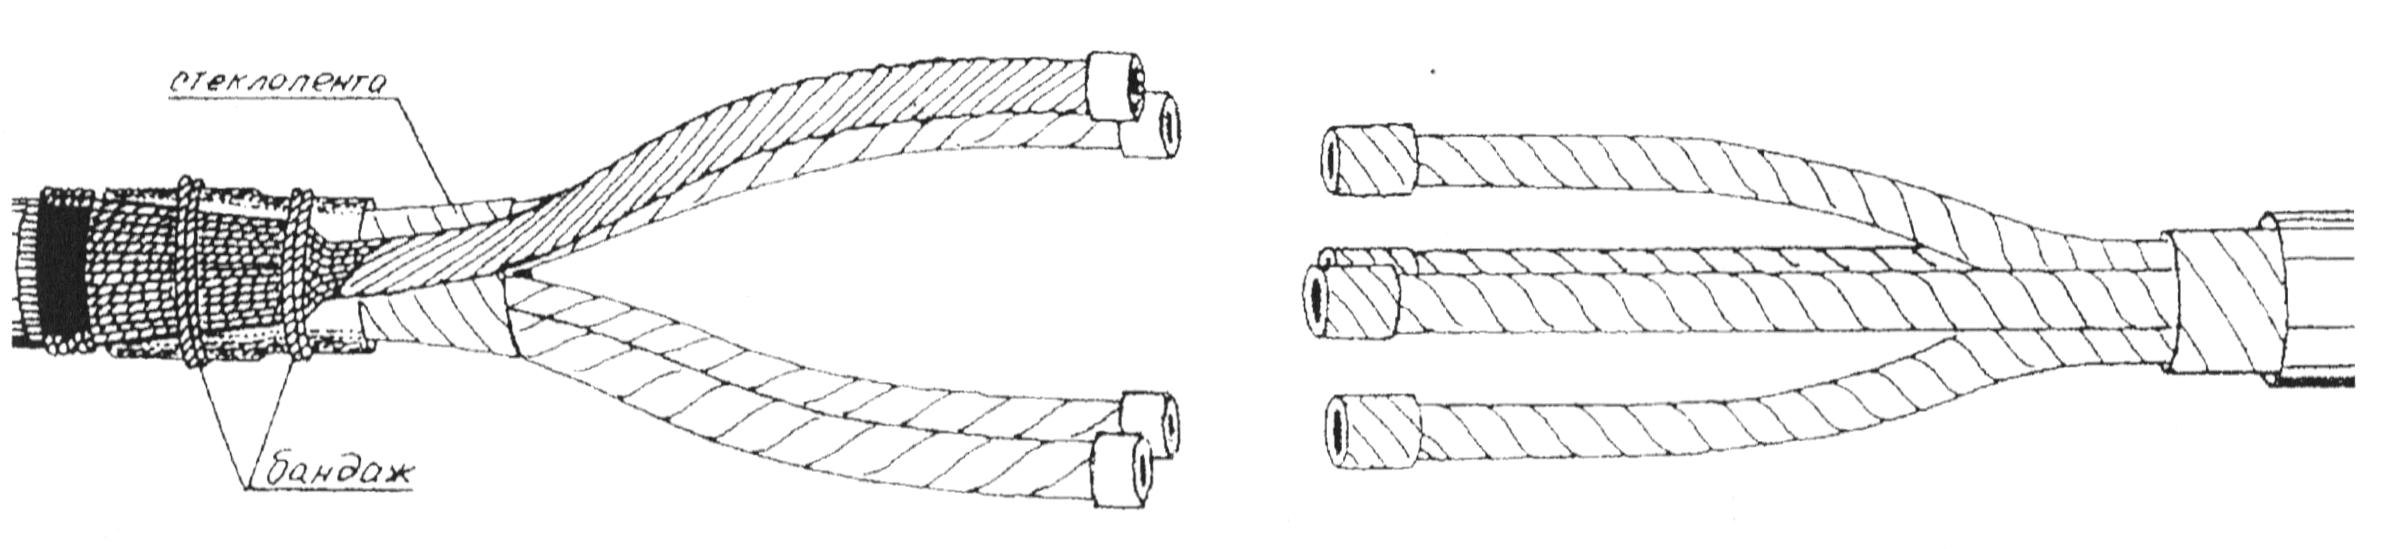 Соединительная муфта марки 4Стп на основе термоусаживаемых изделий для кабелей с бумажной изоляцией на напряжение до 1 кВ